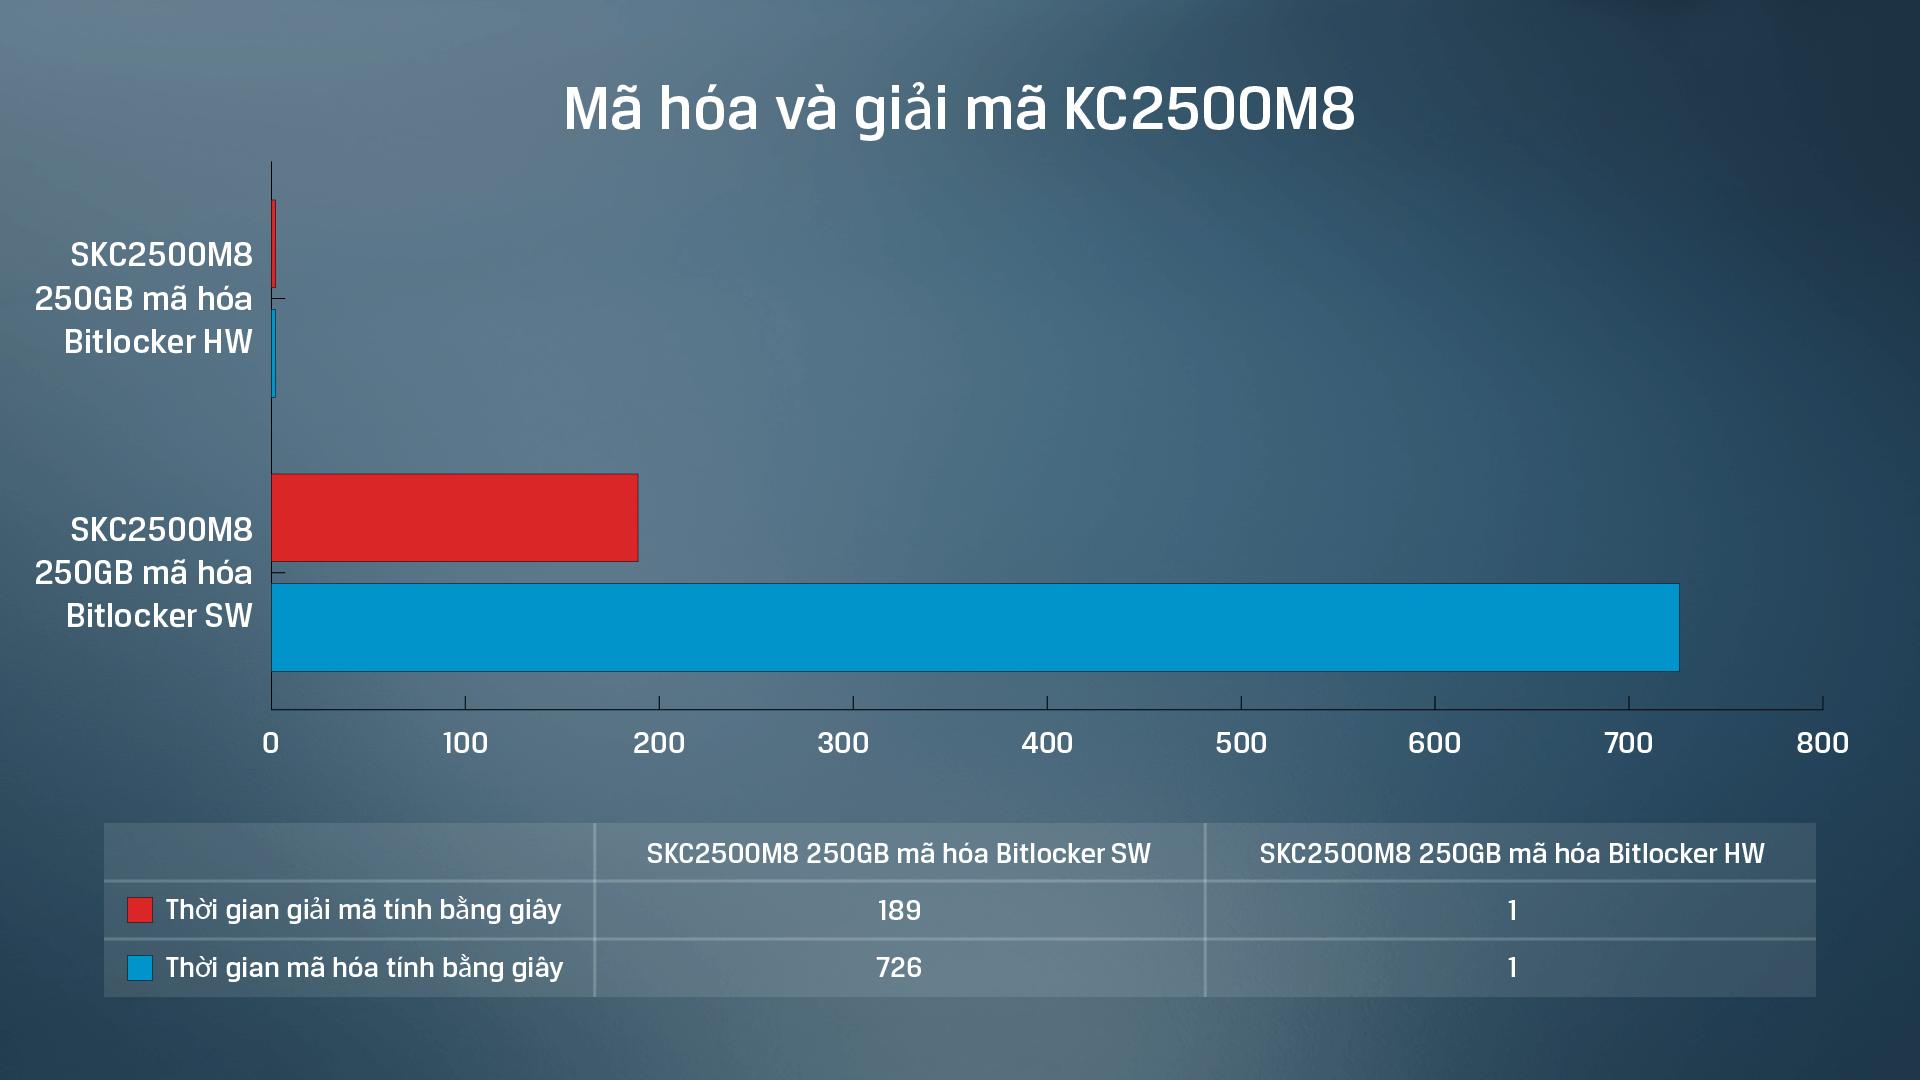 Kết quả thử nghiệm dữ liệu mã hóa dựa trên phần cứng so với phần mềm của ổ SSD Kingston KC2500